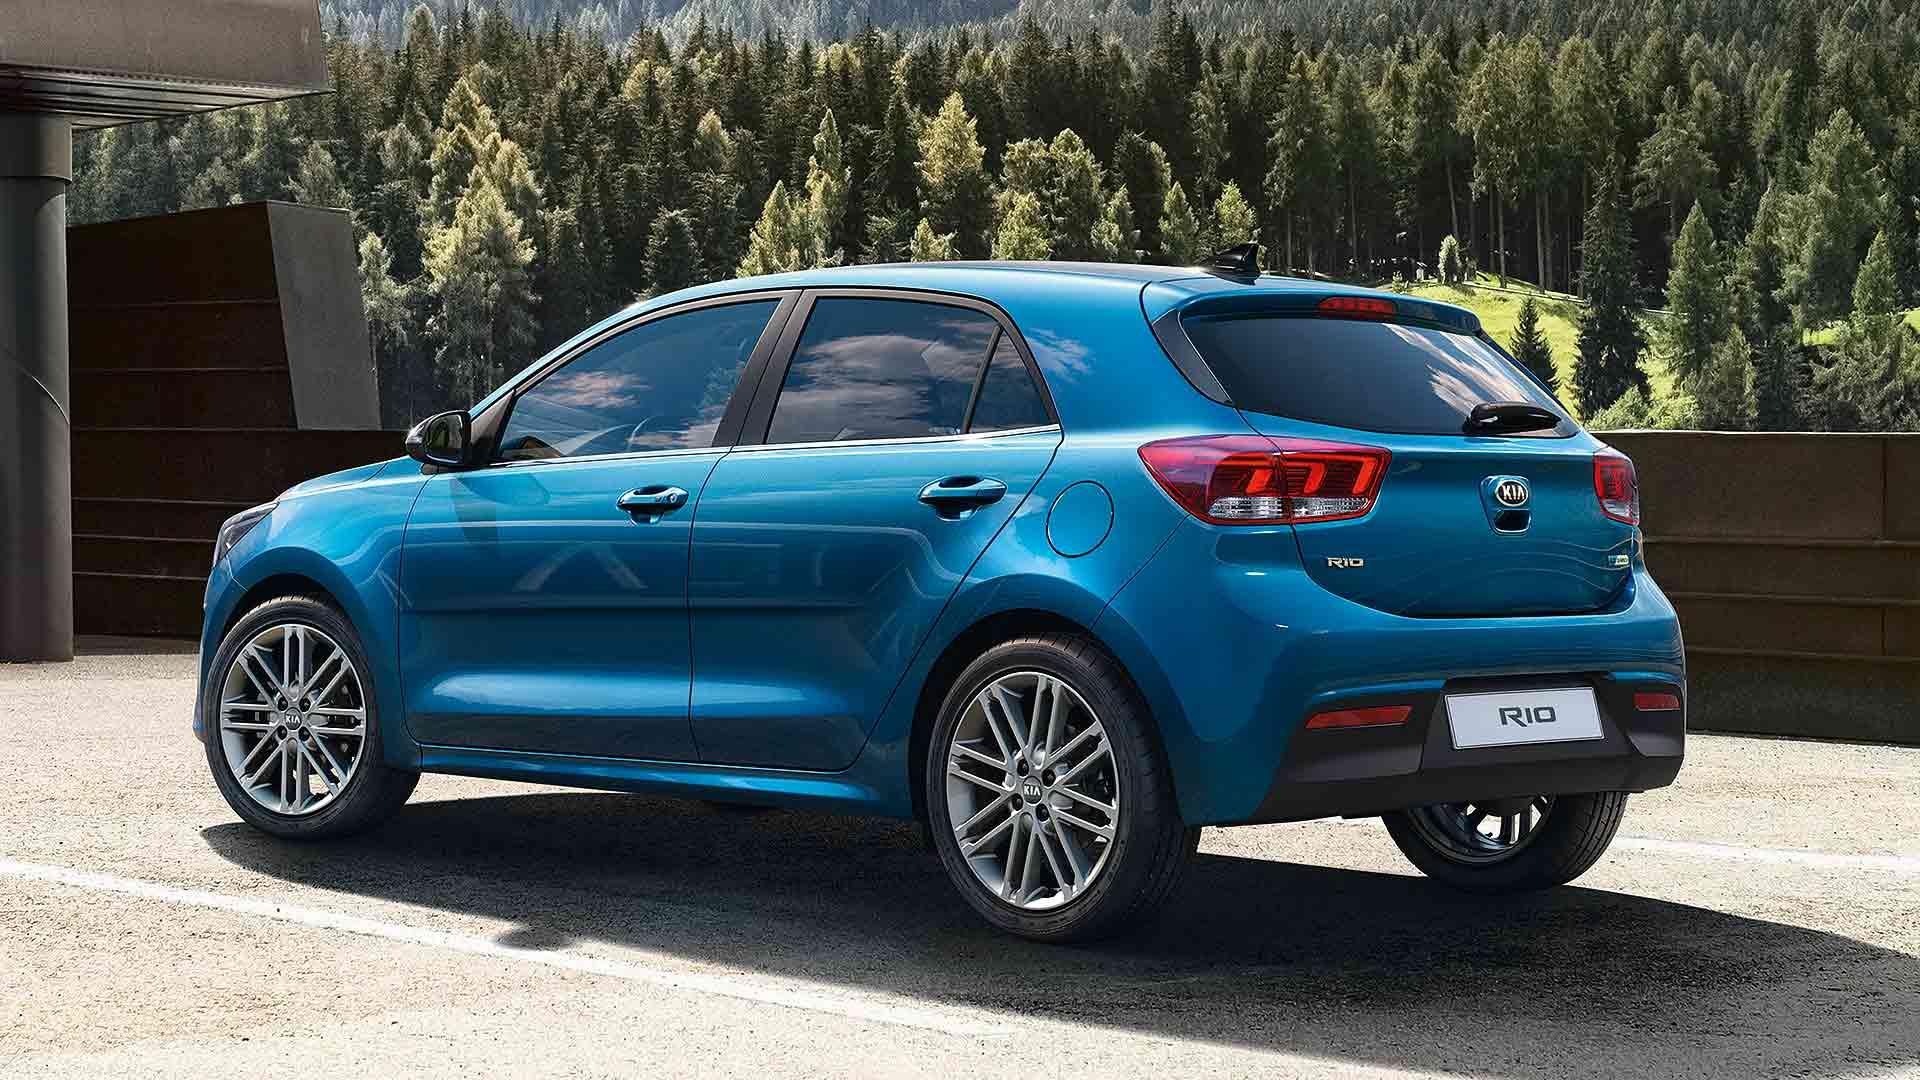 2020 Kia Rio facelift rear